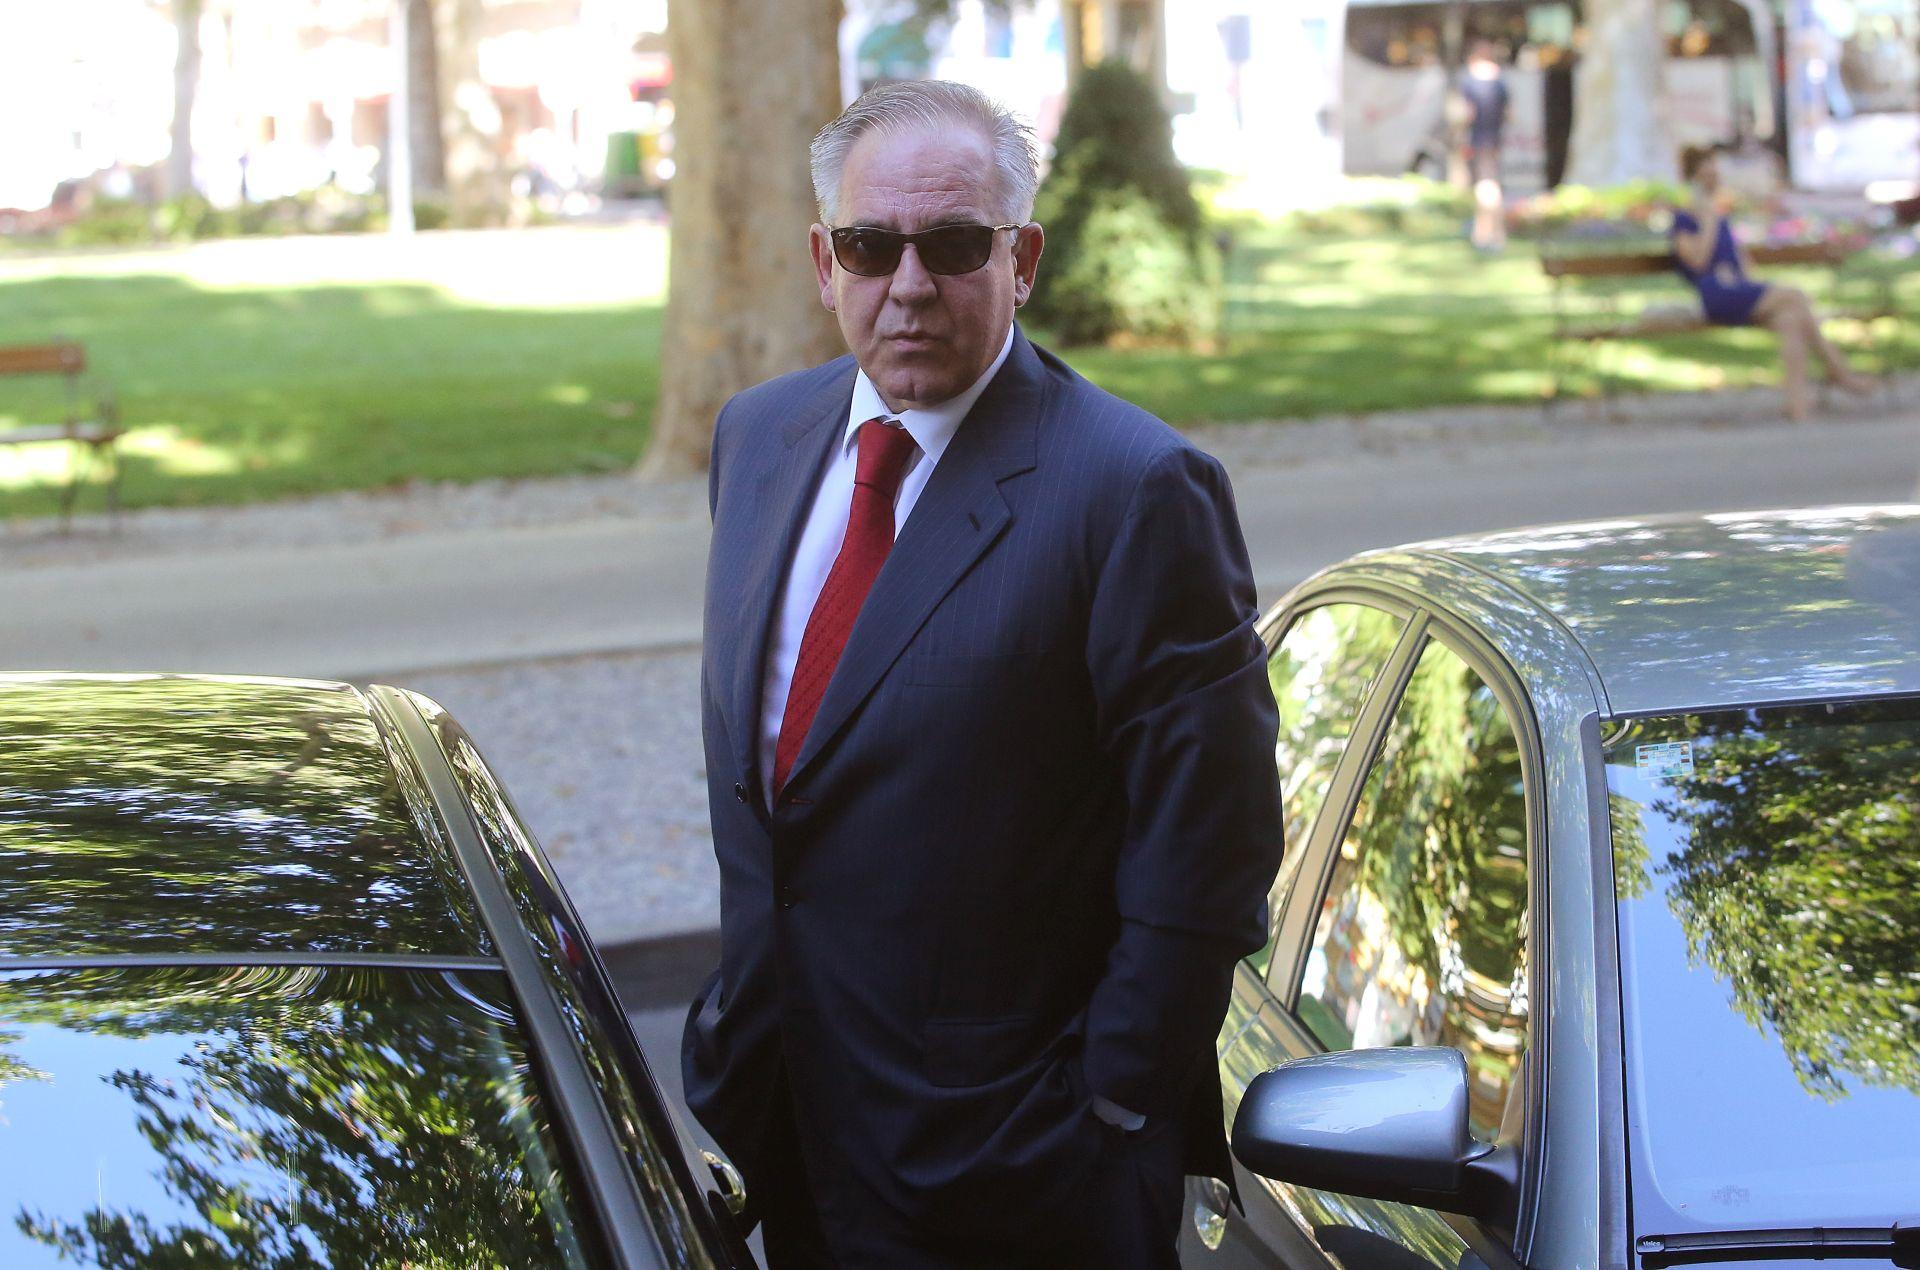 SLUČAJ FIMI MEDIA: Novo suđenje nastavlja se u rujnu